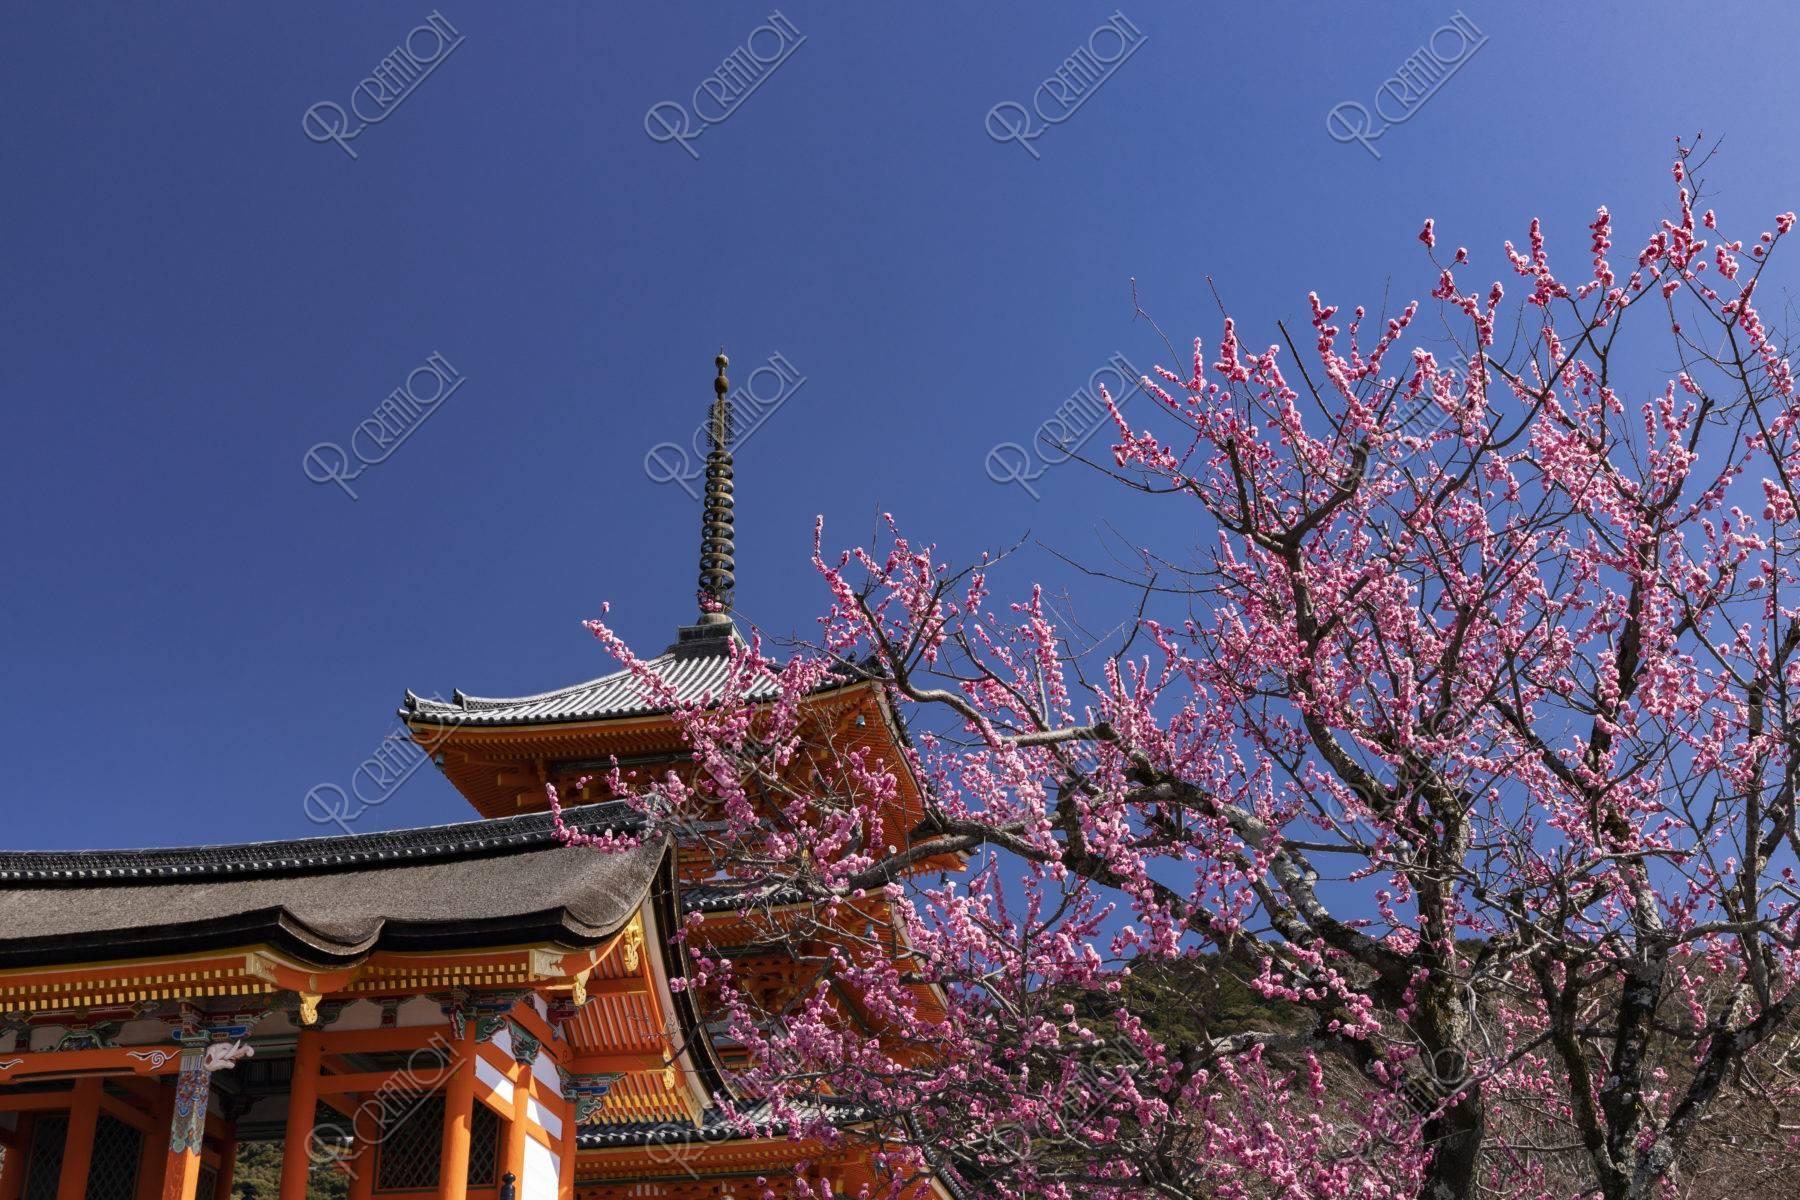 清水寺 三重塔と紅梅